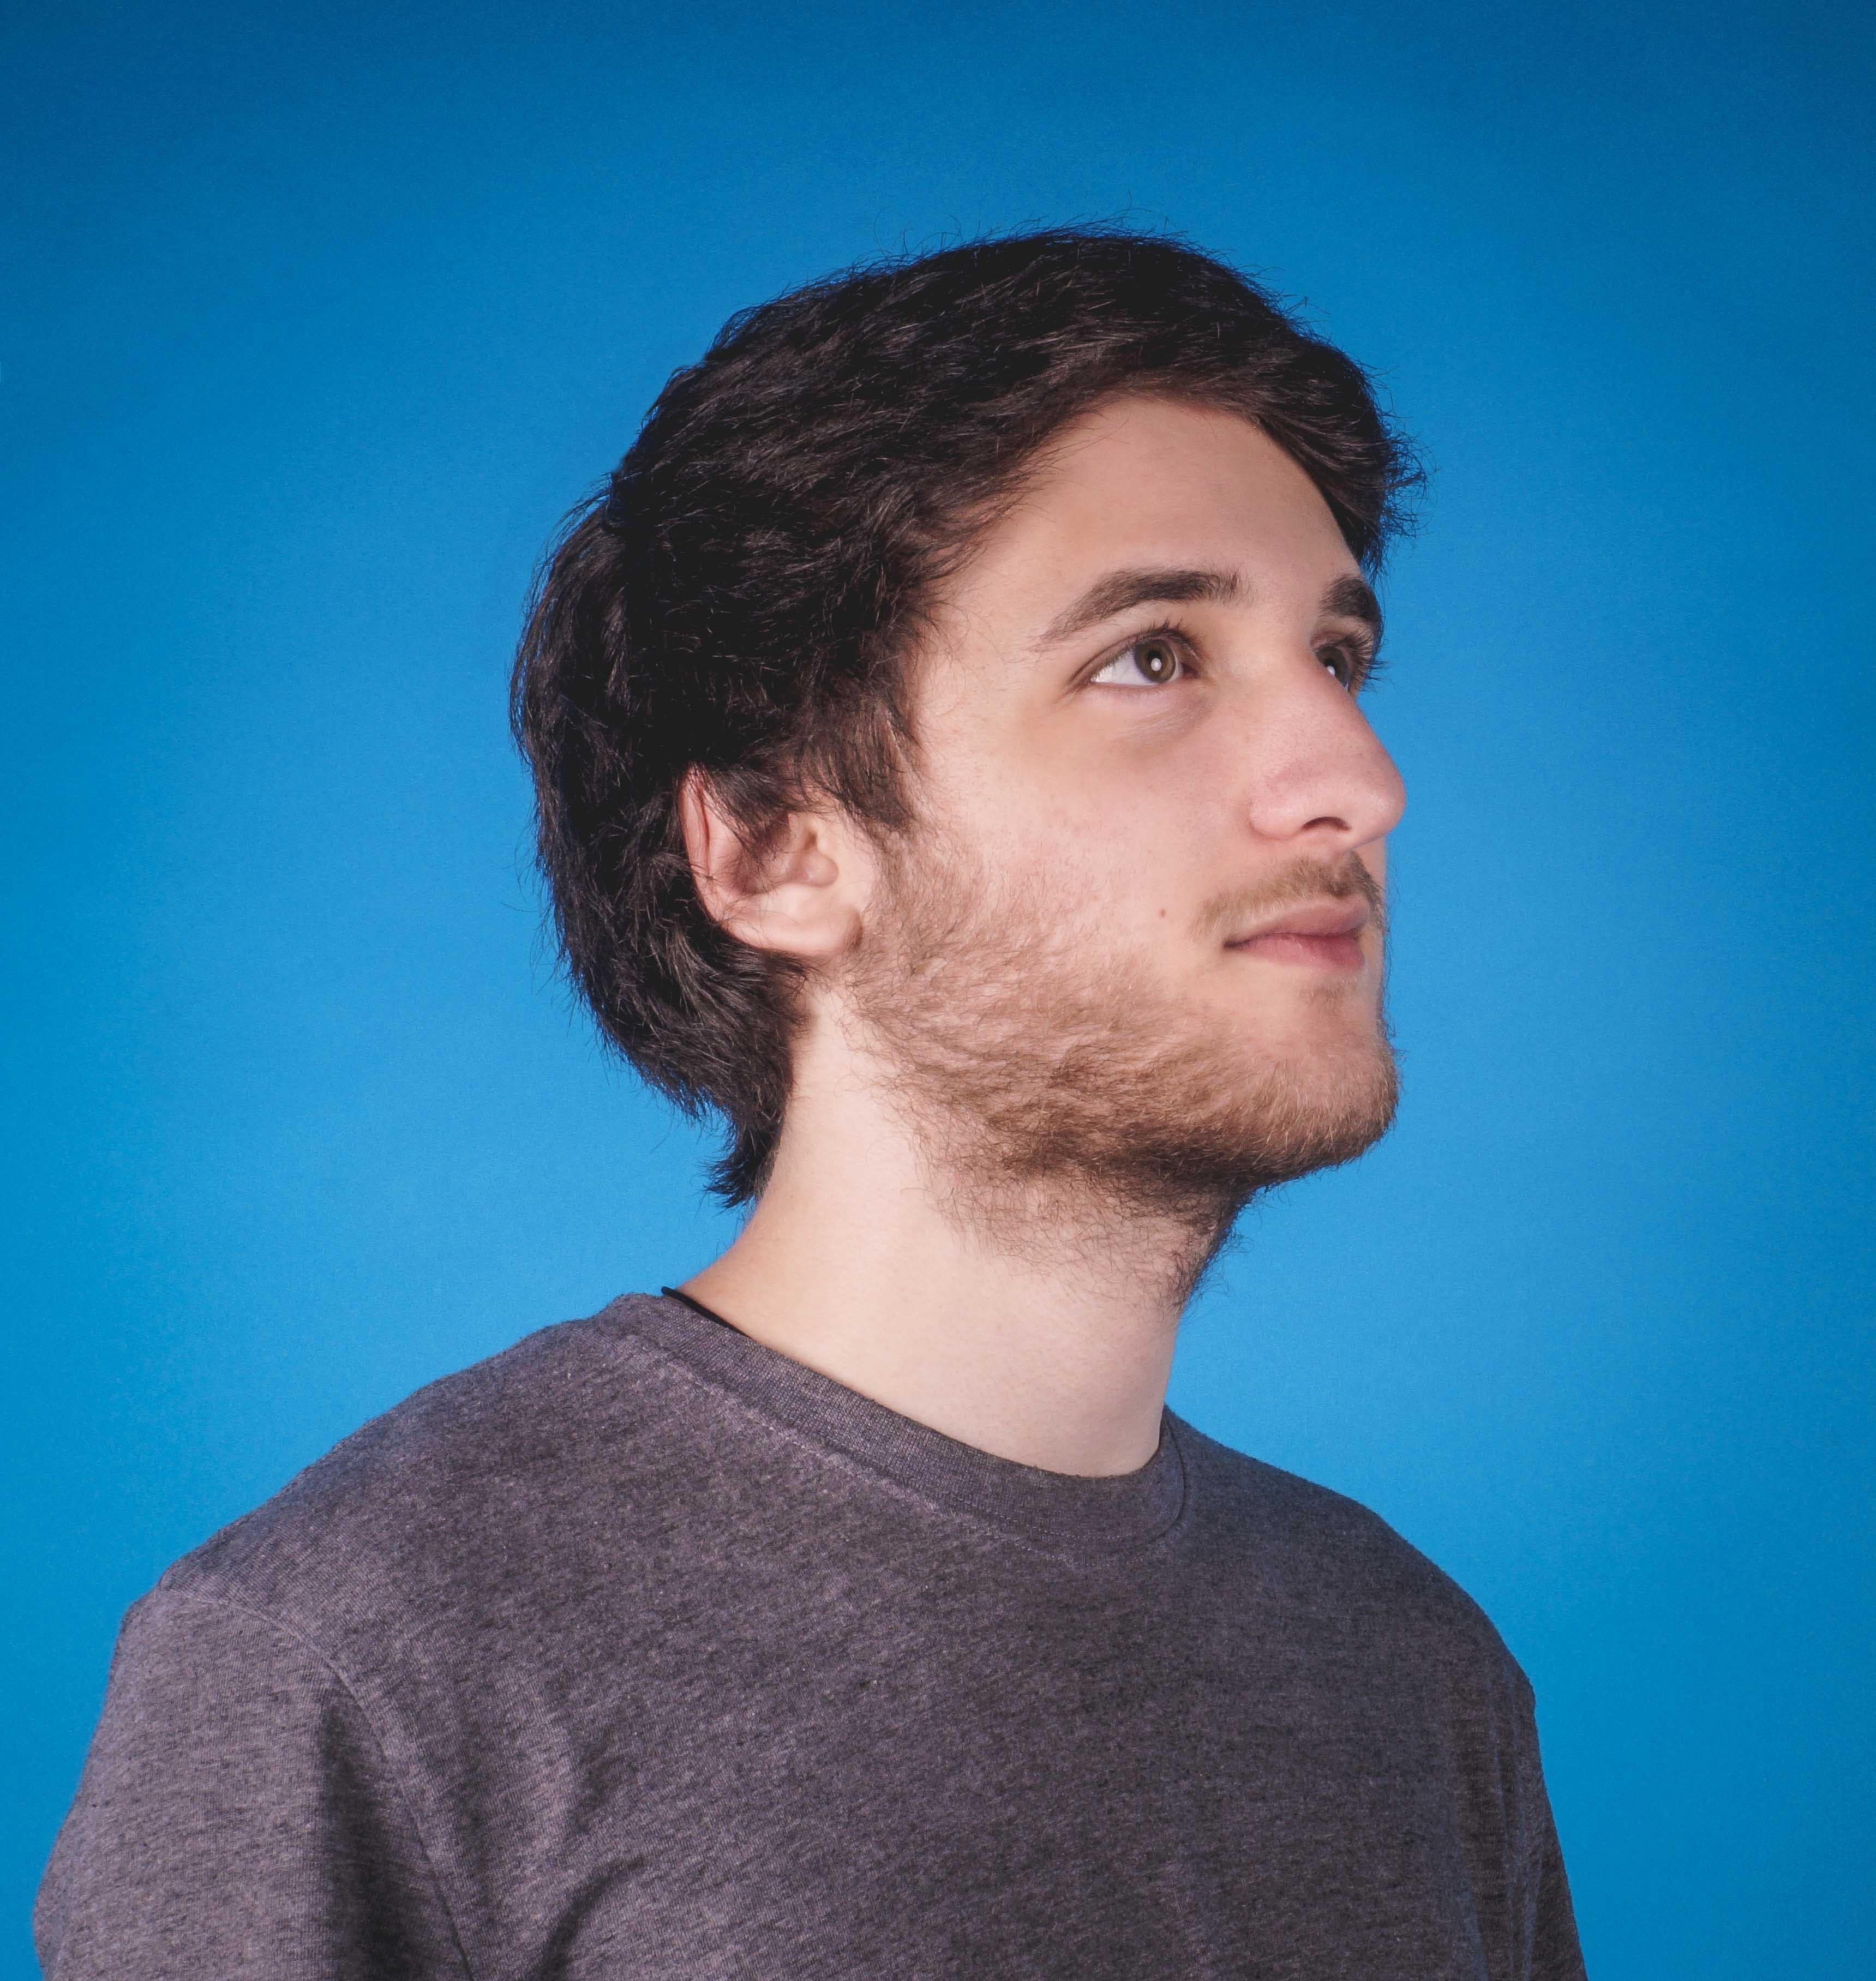 Avatar of user Austin Censor